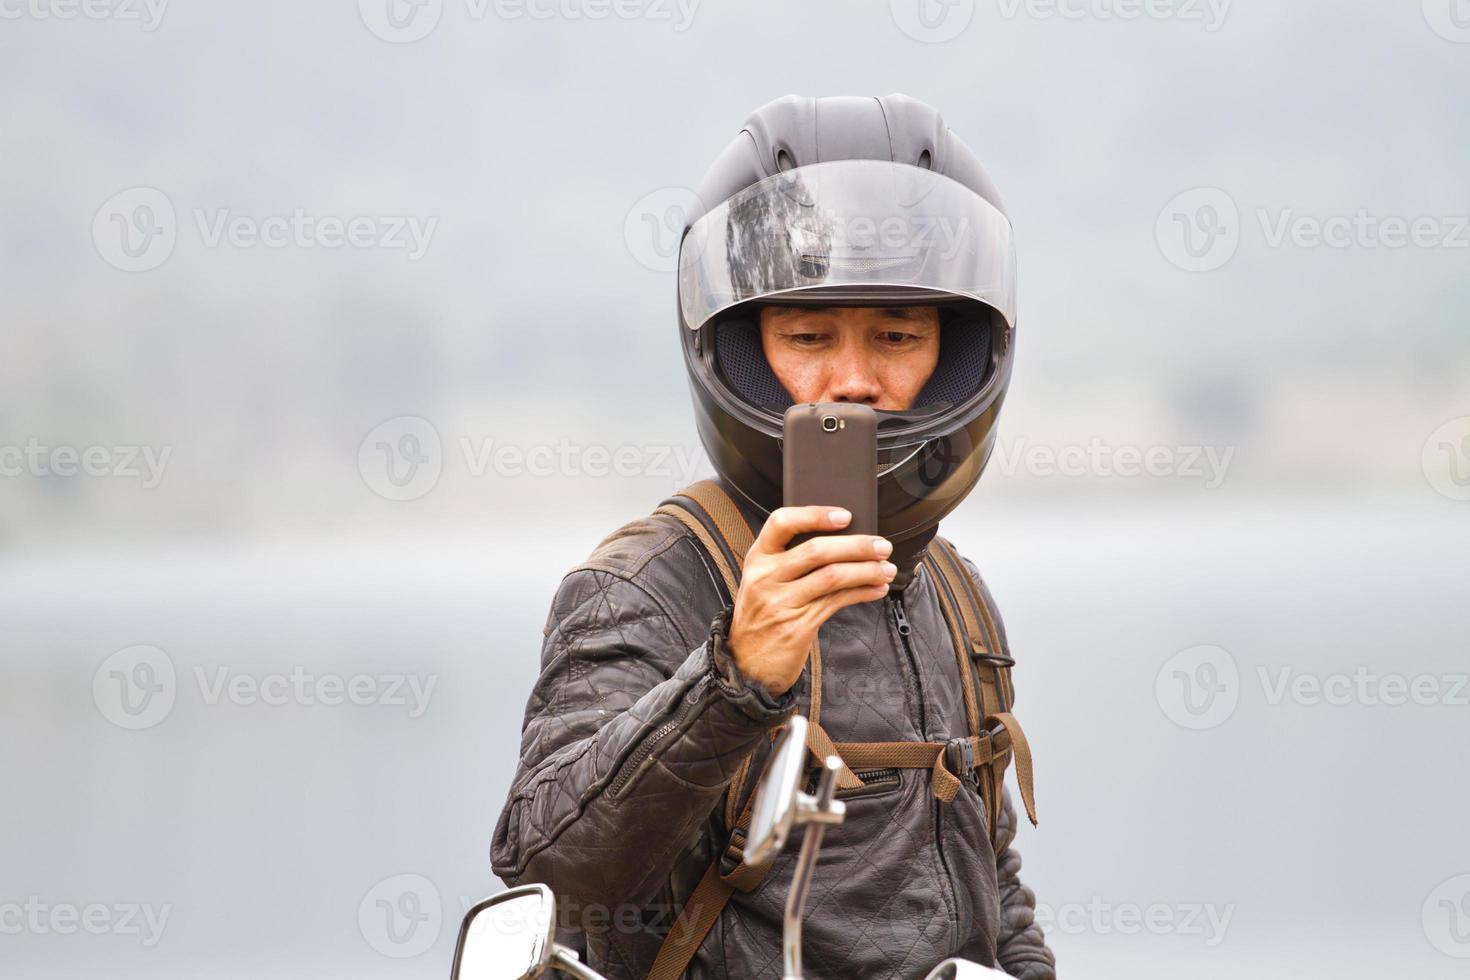 câmera do telefone móvel em mãos masculinas foto